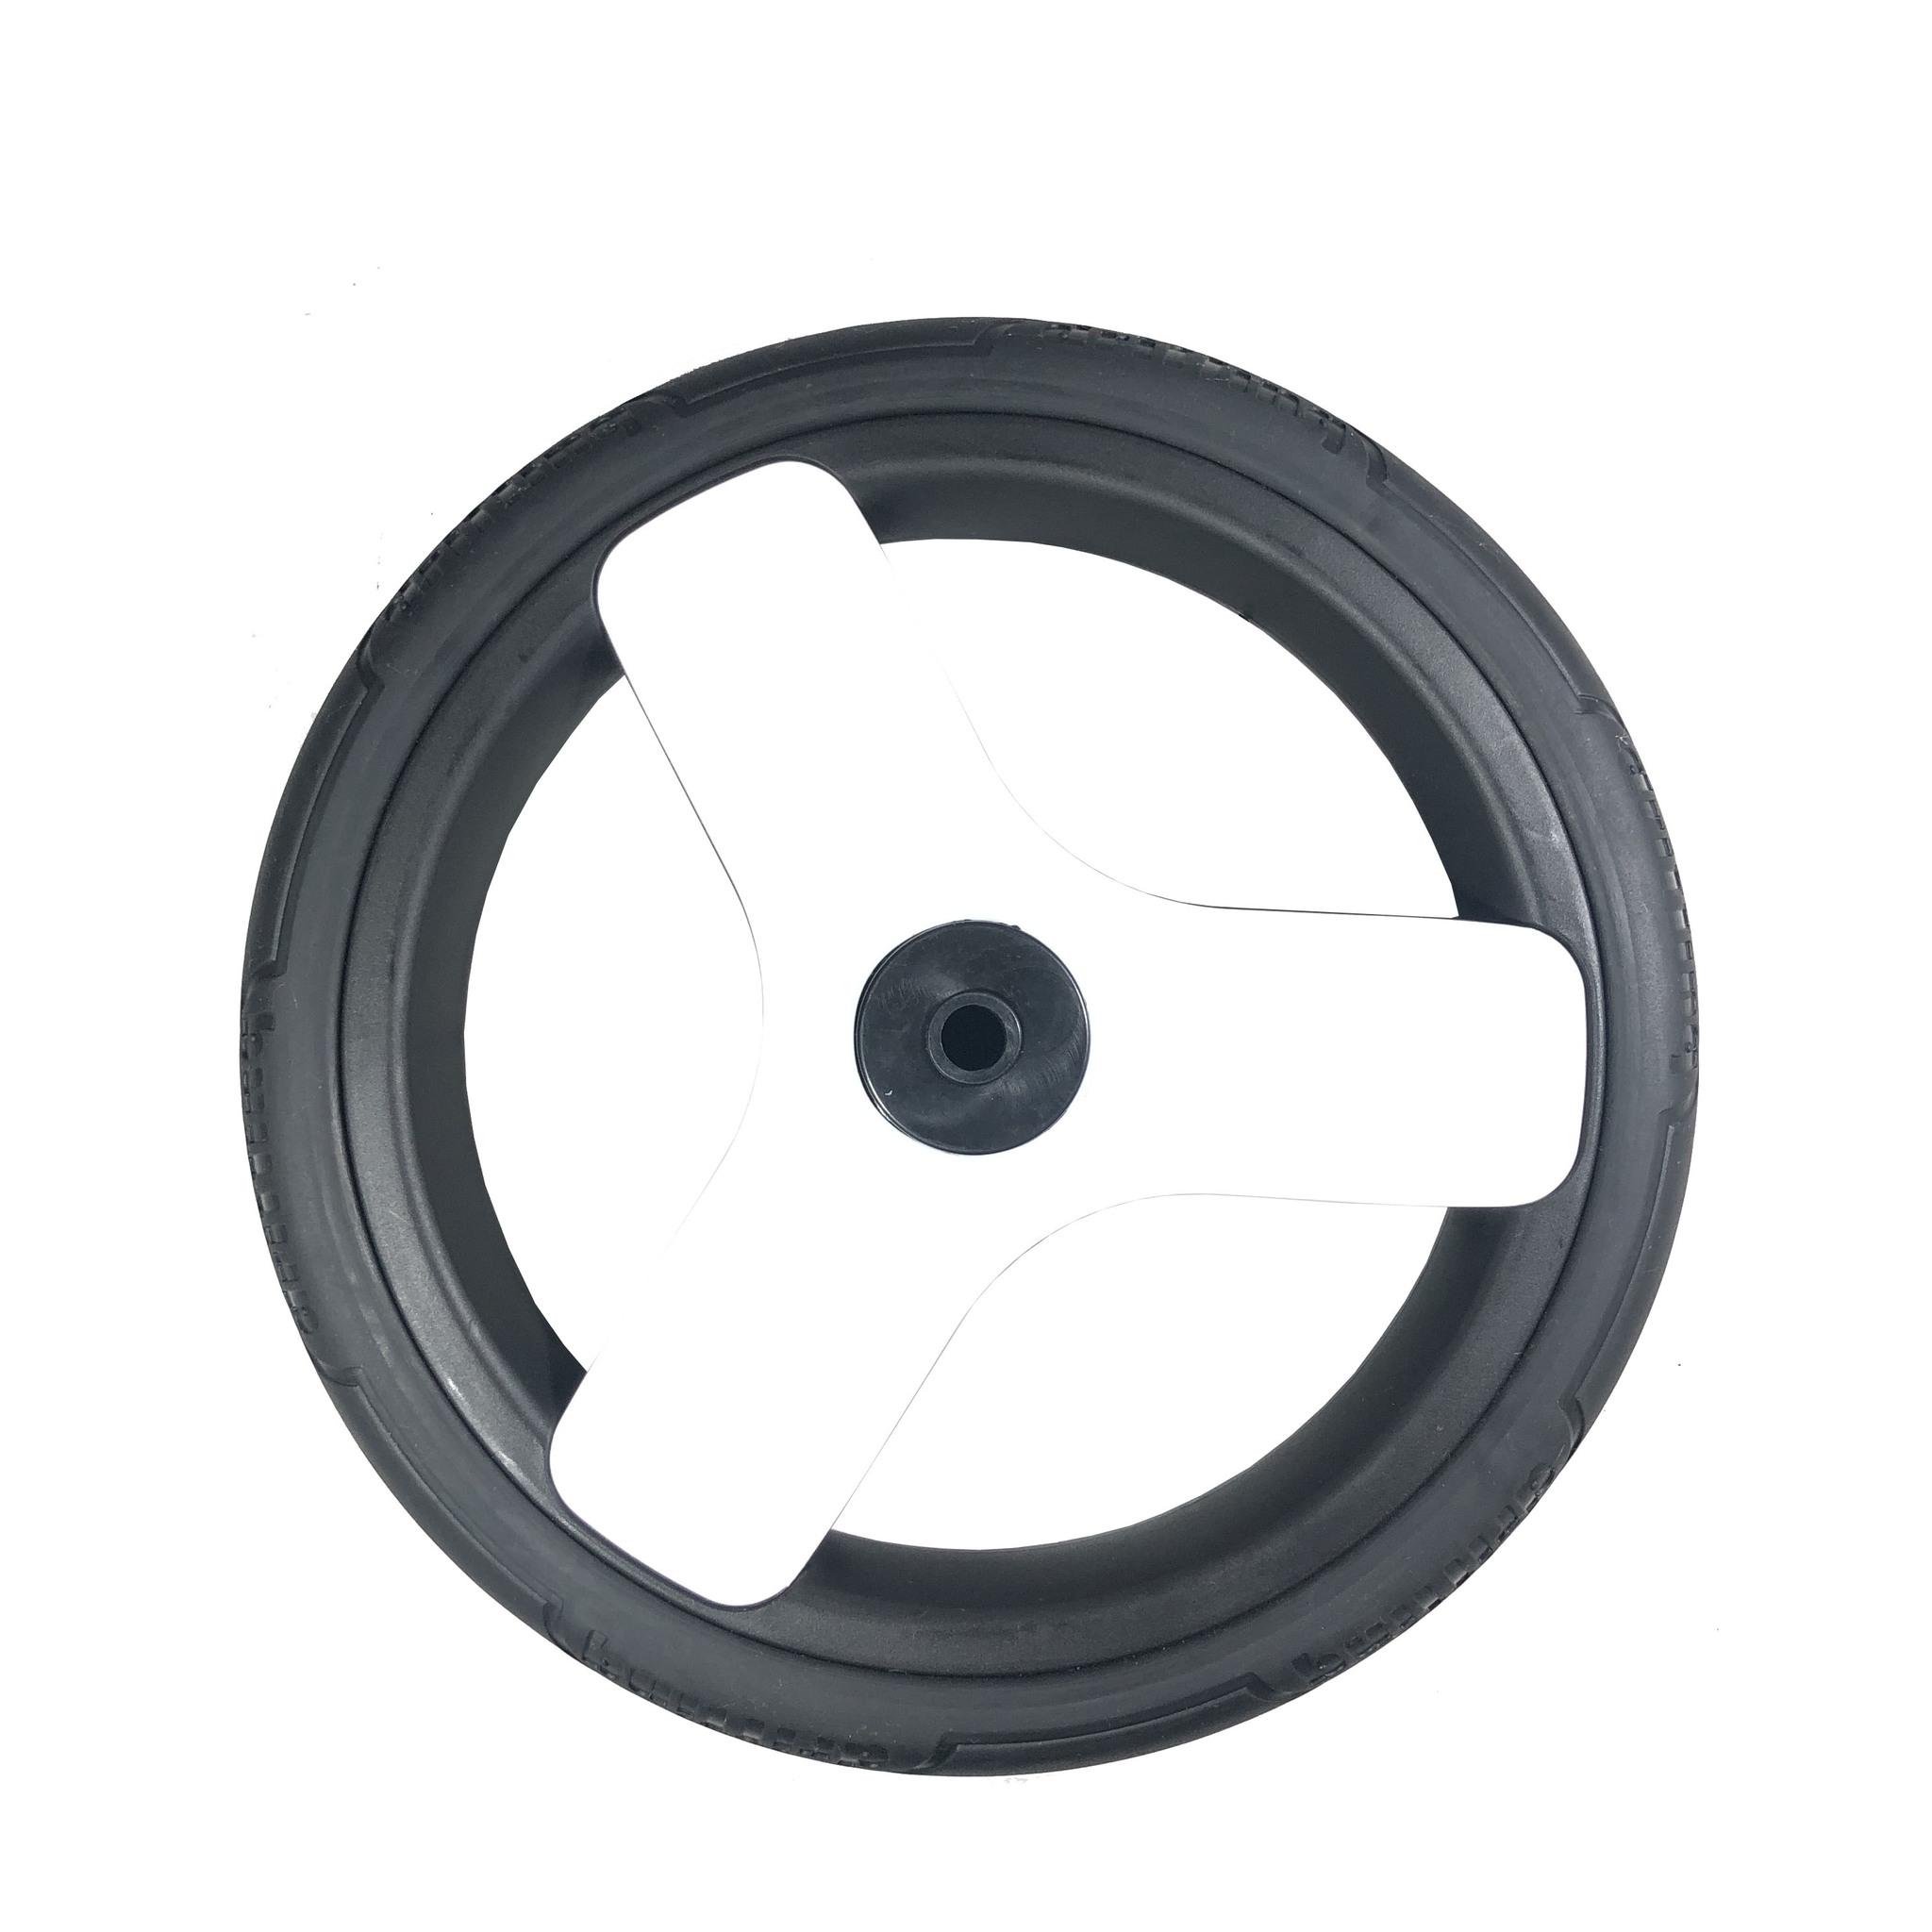 Колесо для коляски Tutis mimi 48x188 (бескамерное) 48-188.jpg